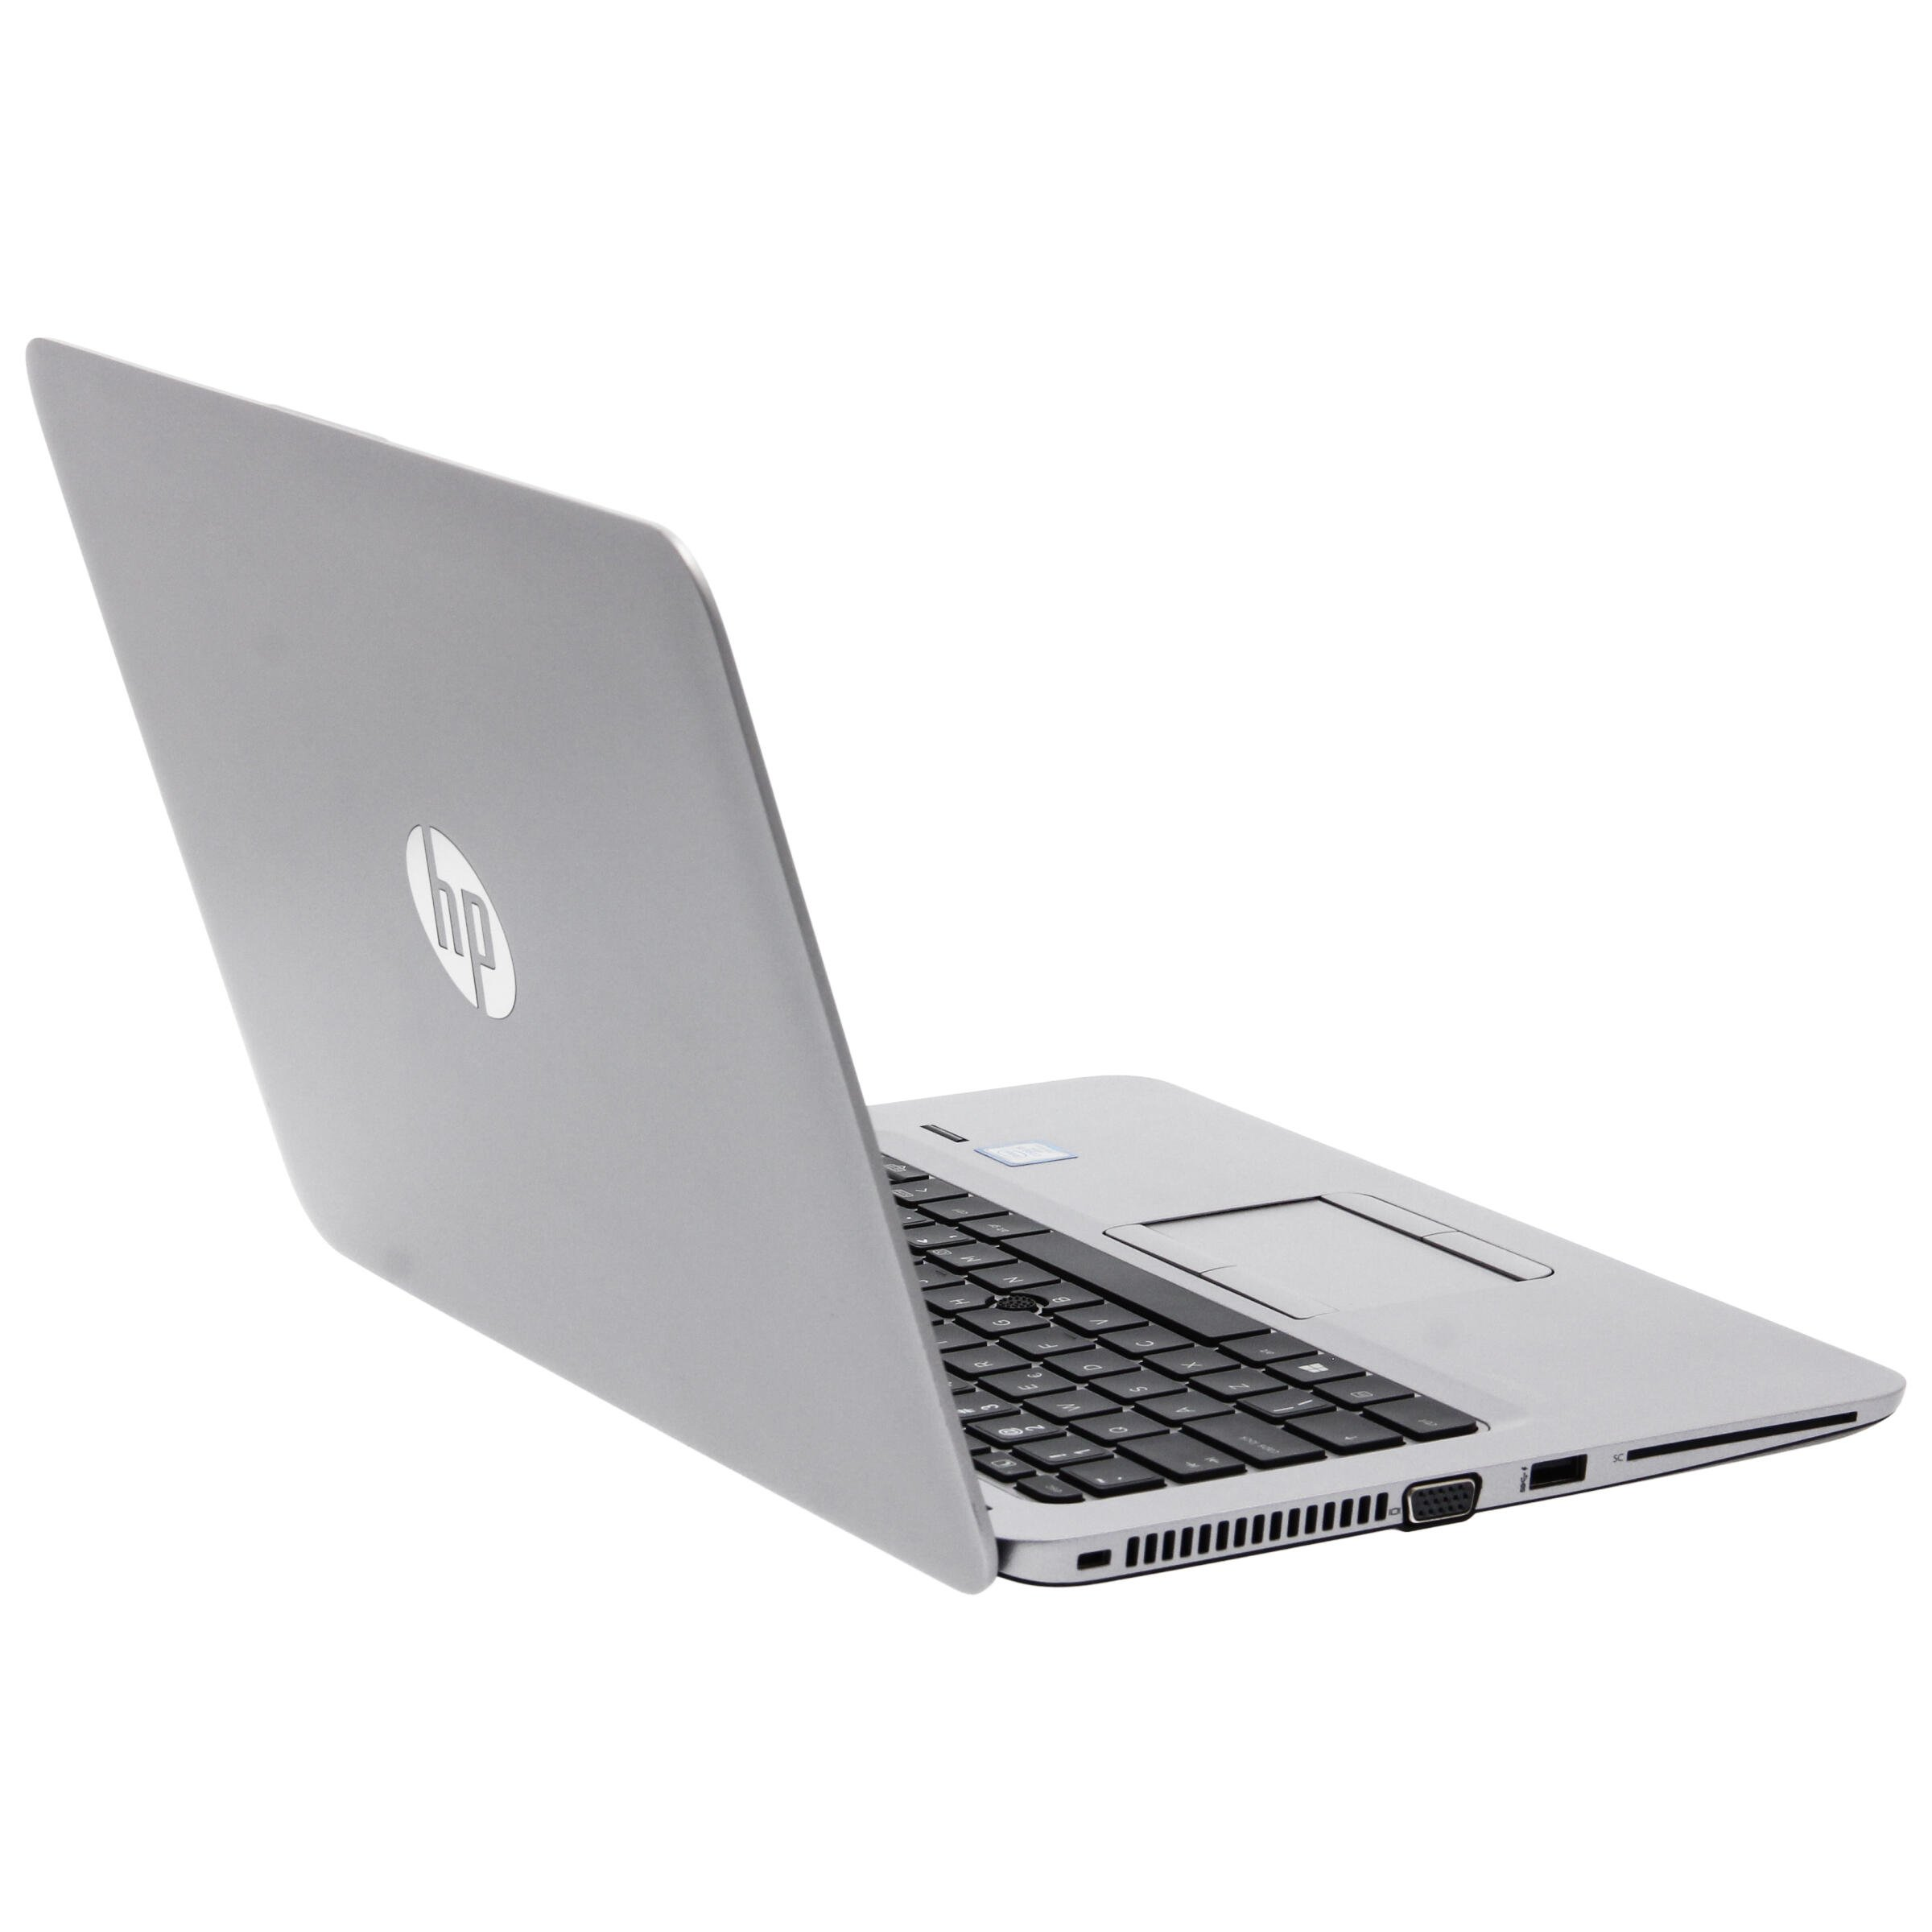 Laptop 12 na prezent dla dziecka